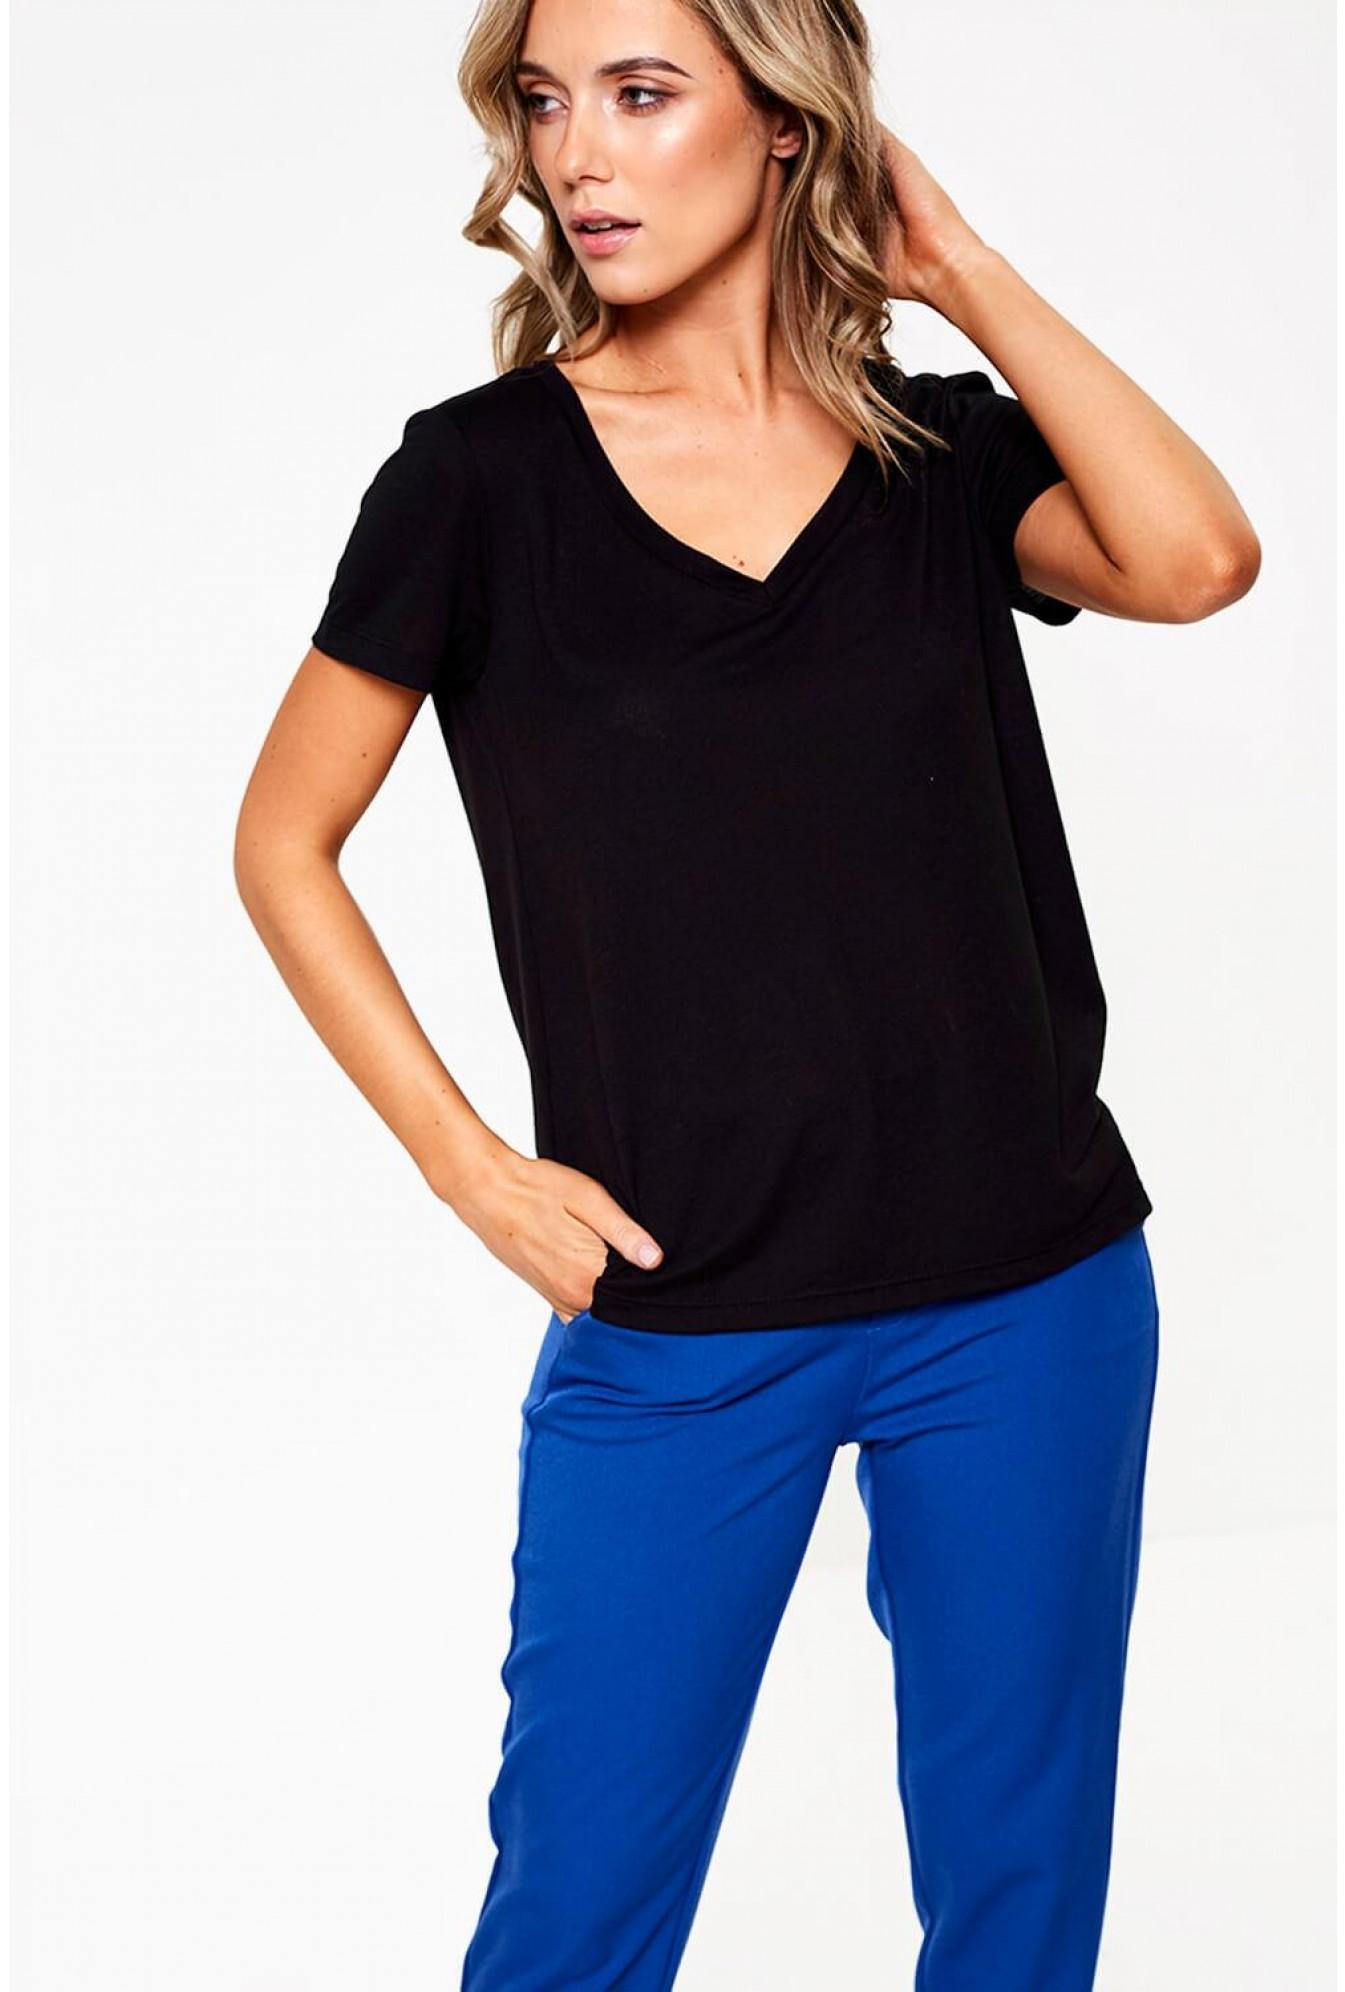 b273261727e6a More Views. Spicy V-Neck Short Sleeve Top in Black. Vero Moda